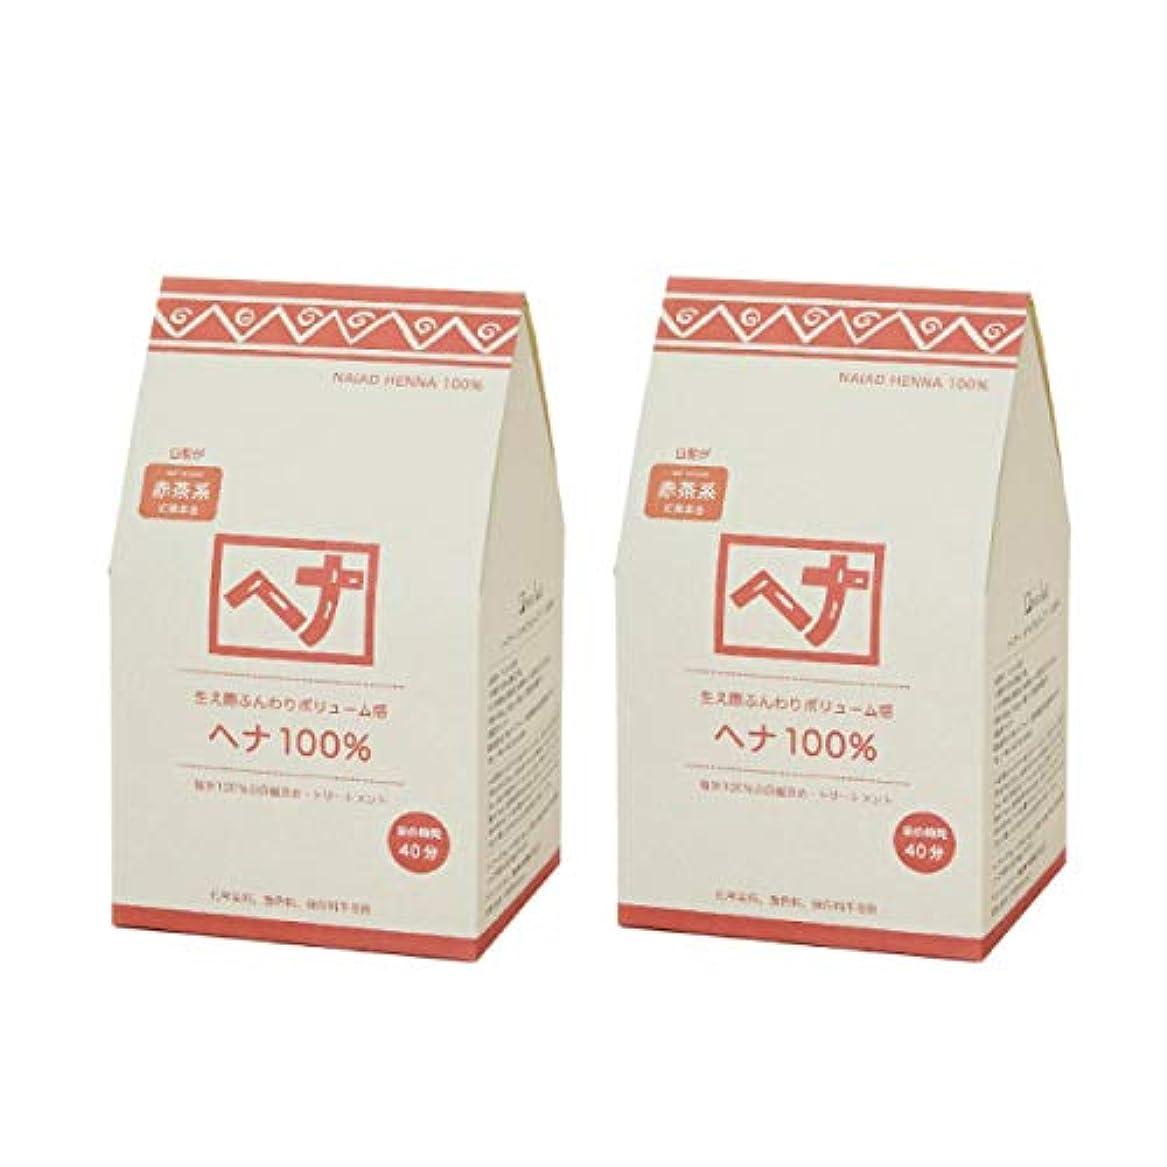 今後レタッチ看板ナイアードヘナ100%(赤茶色)400g (100g×4袋)×2個セット+高級無添加洗顔石鹸(EXビューティースキンソープ)1個プレゼント 白髪が赤茶色に染まるヘナ100%